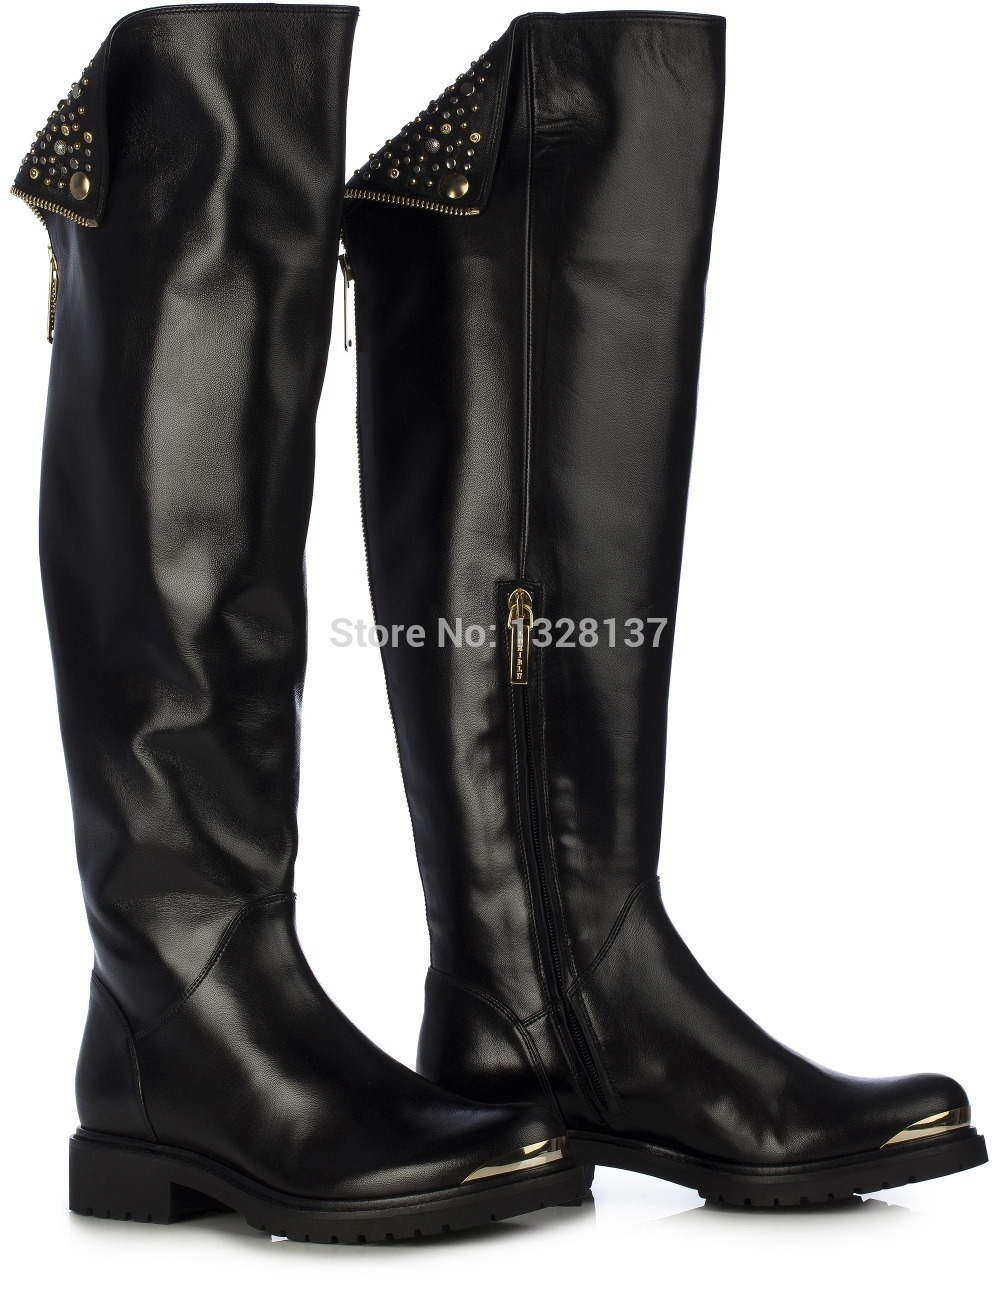 Online Get Cheap Cheap Black Boots -Aliexpress.com   Alibaba Group